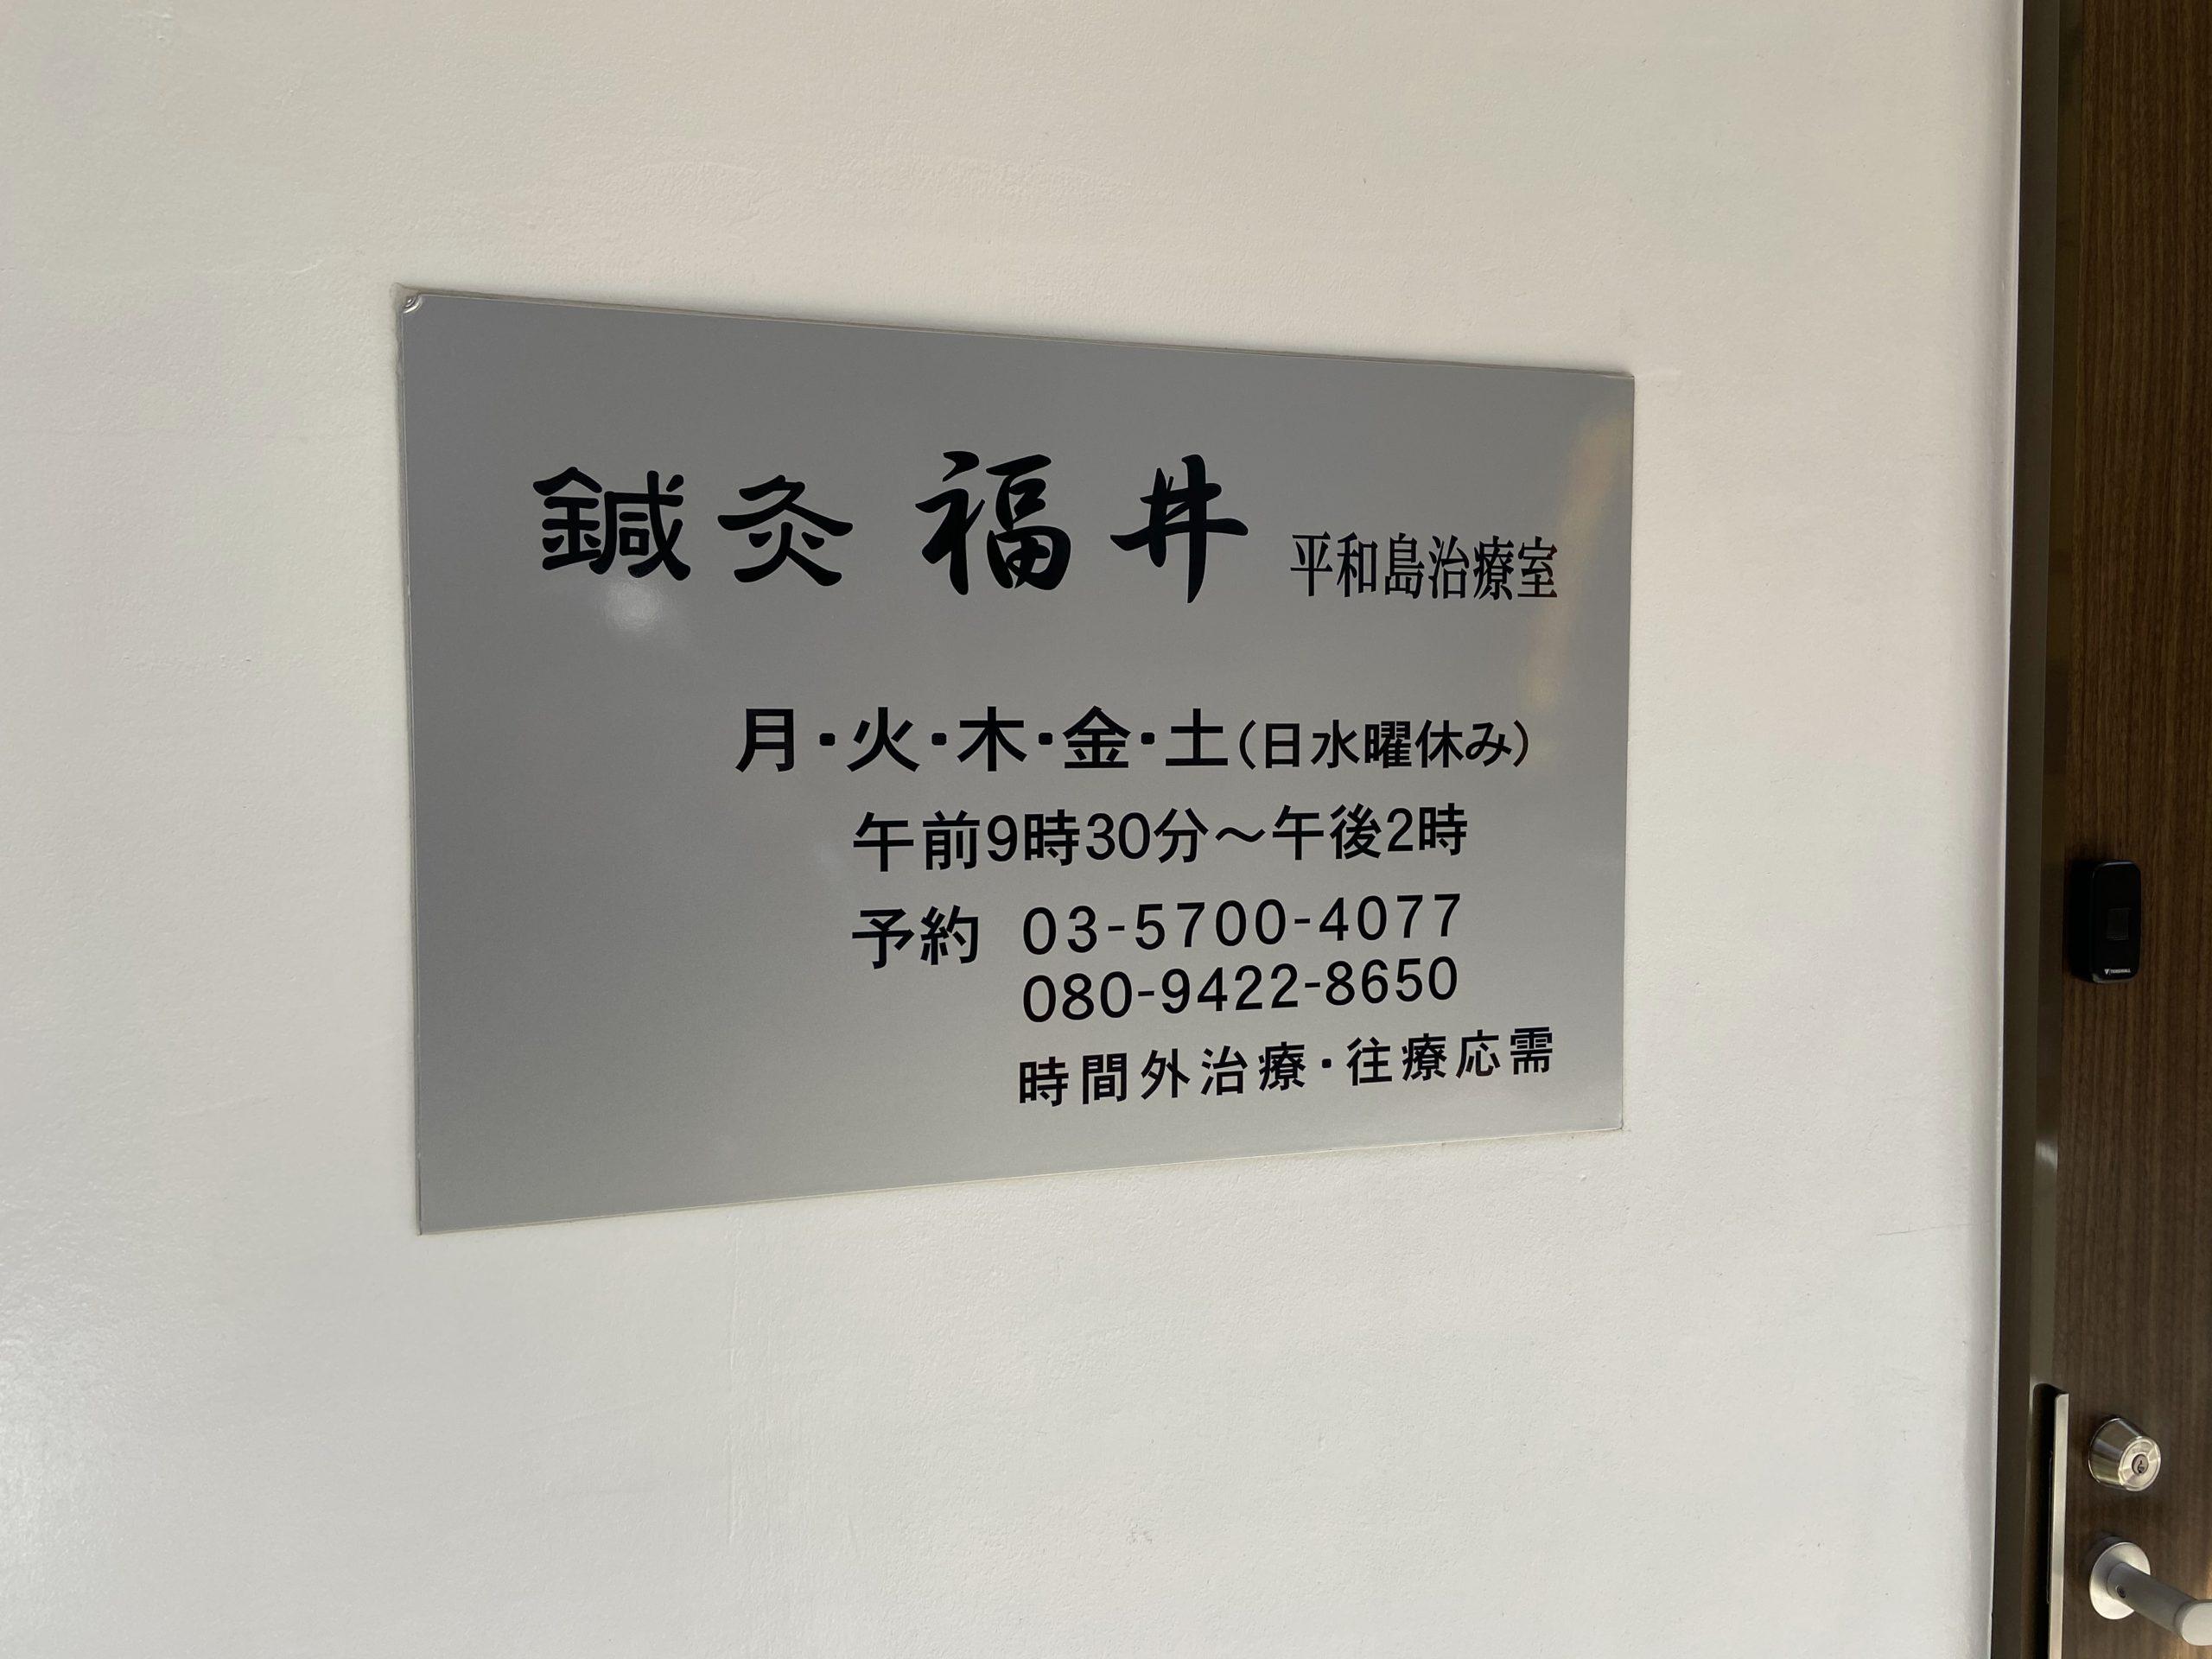 鍼灸福井 平和島治療室